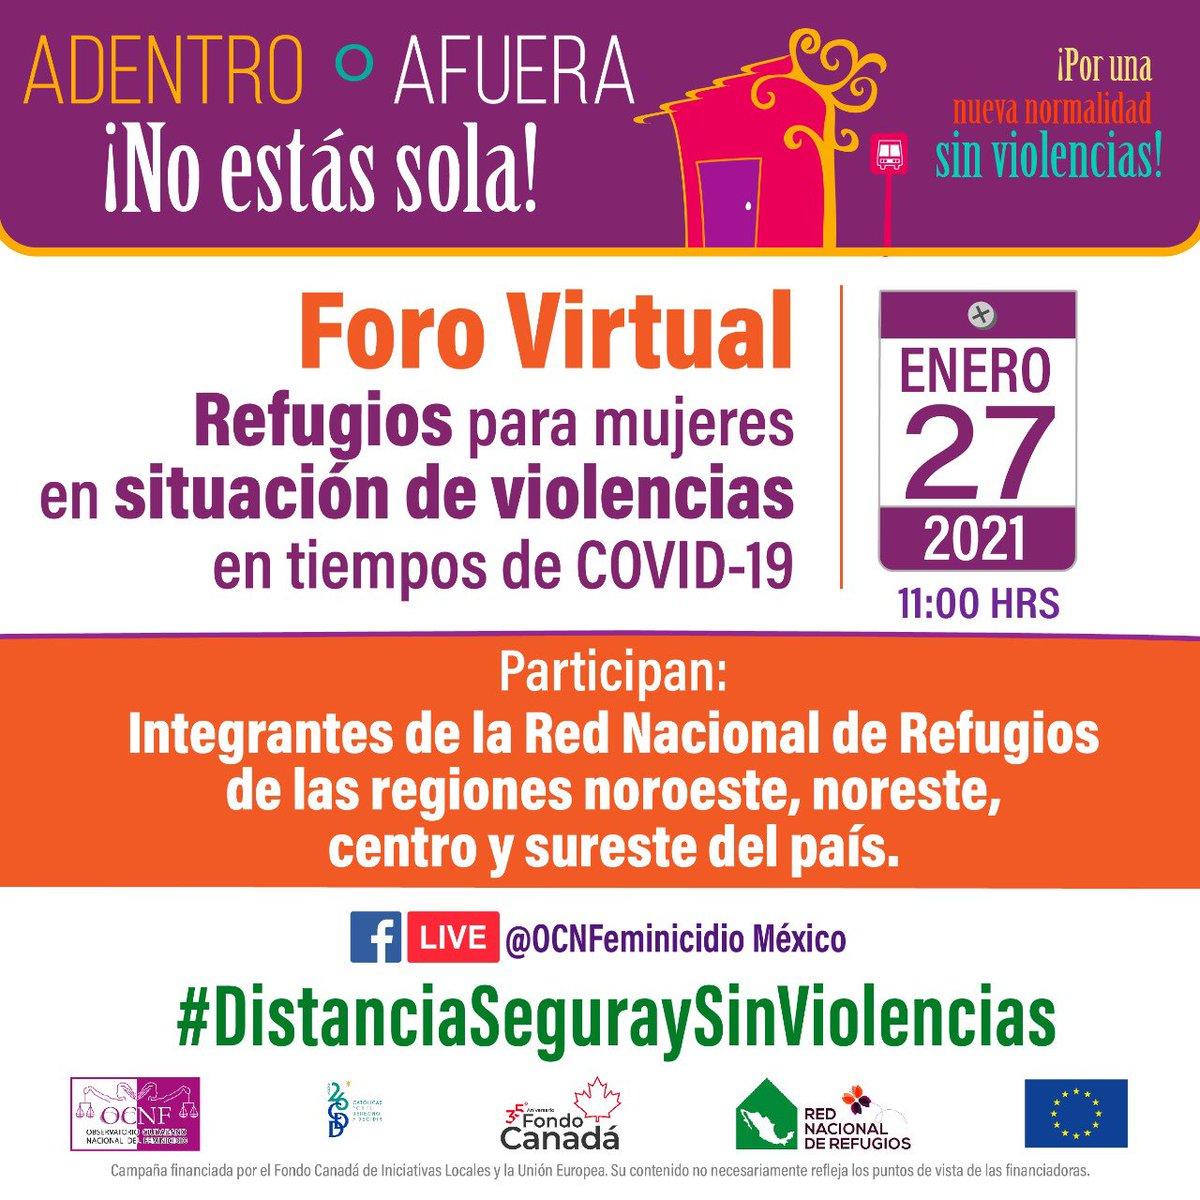 """NACIONAL   Foro """"Refugios para mujeres en situación de violencias en tiempo de #COVID19   27 de enero   11:00 Hrs. Agradecemos el apoyo de #FondoCanadáMx para la realización de la campaña #DistanciaSeguraySinViolencias"""